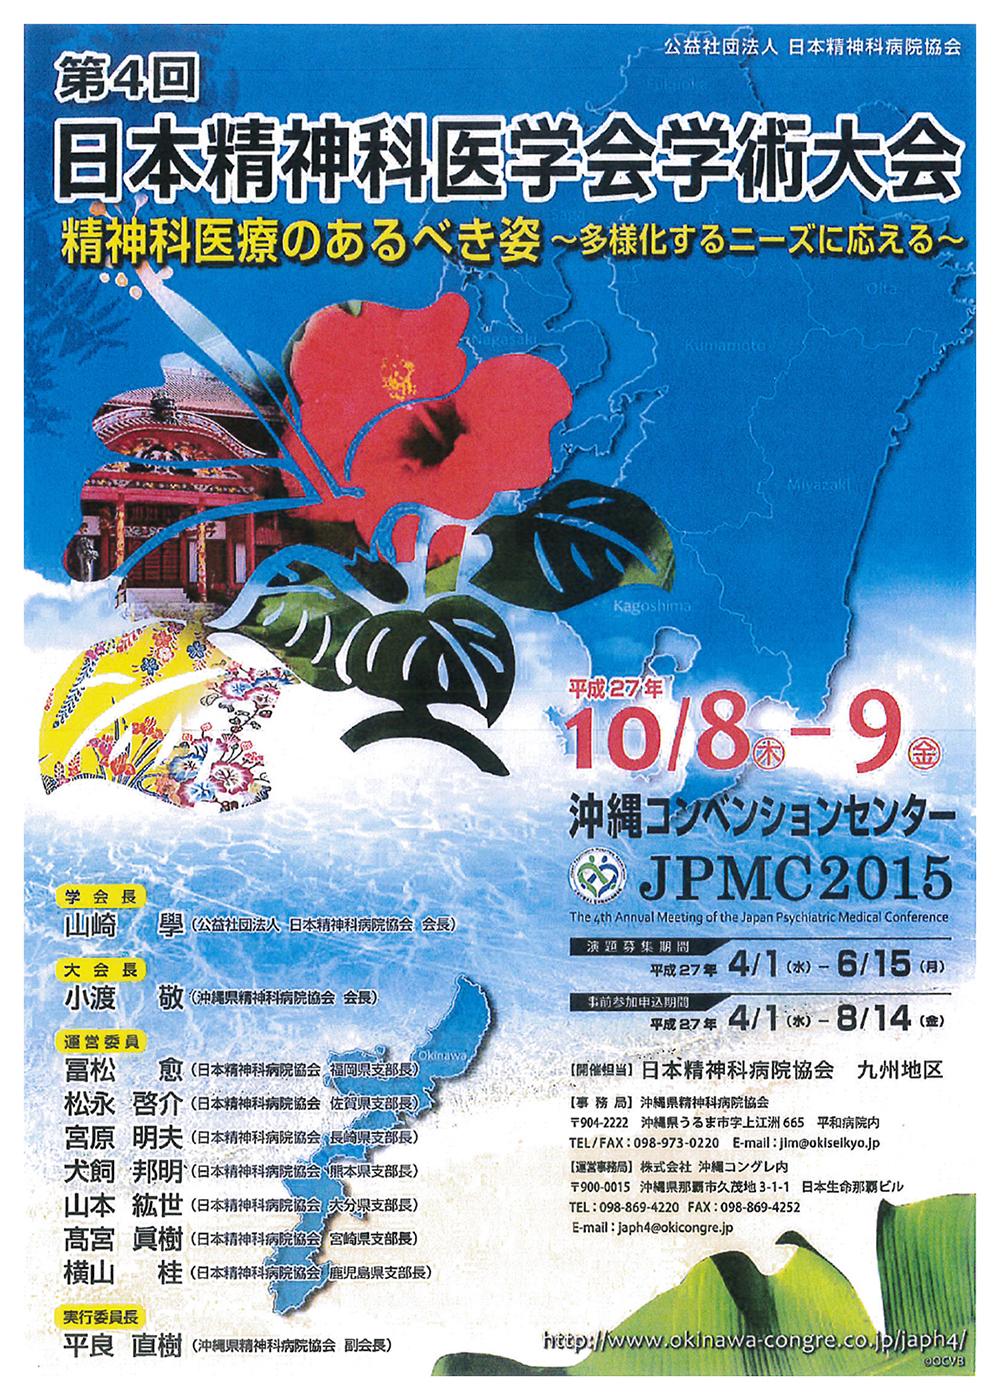 2015年10月8日~9日 沖縄県精神病院学会展示会 LED照明・共生ホームの説明ブースを設けます。